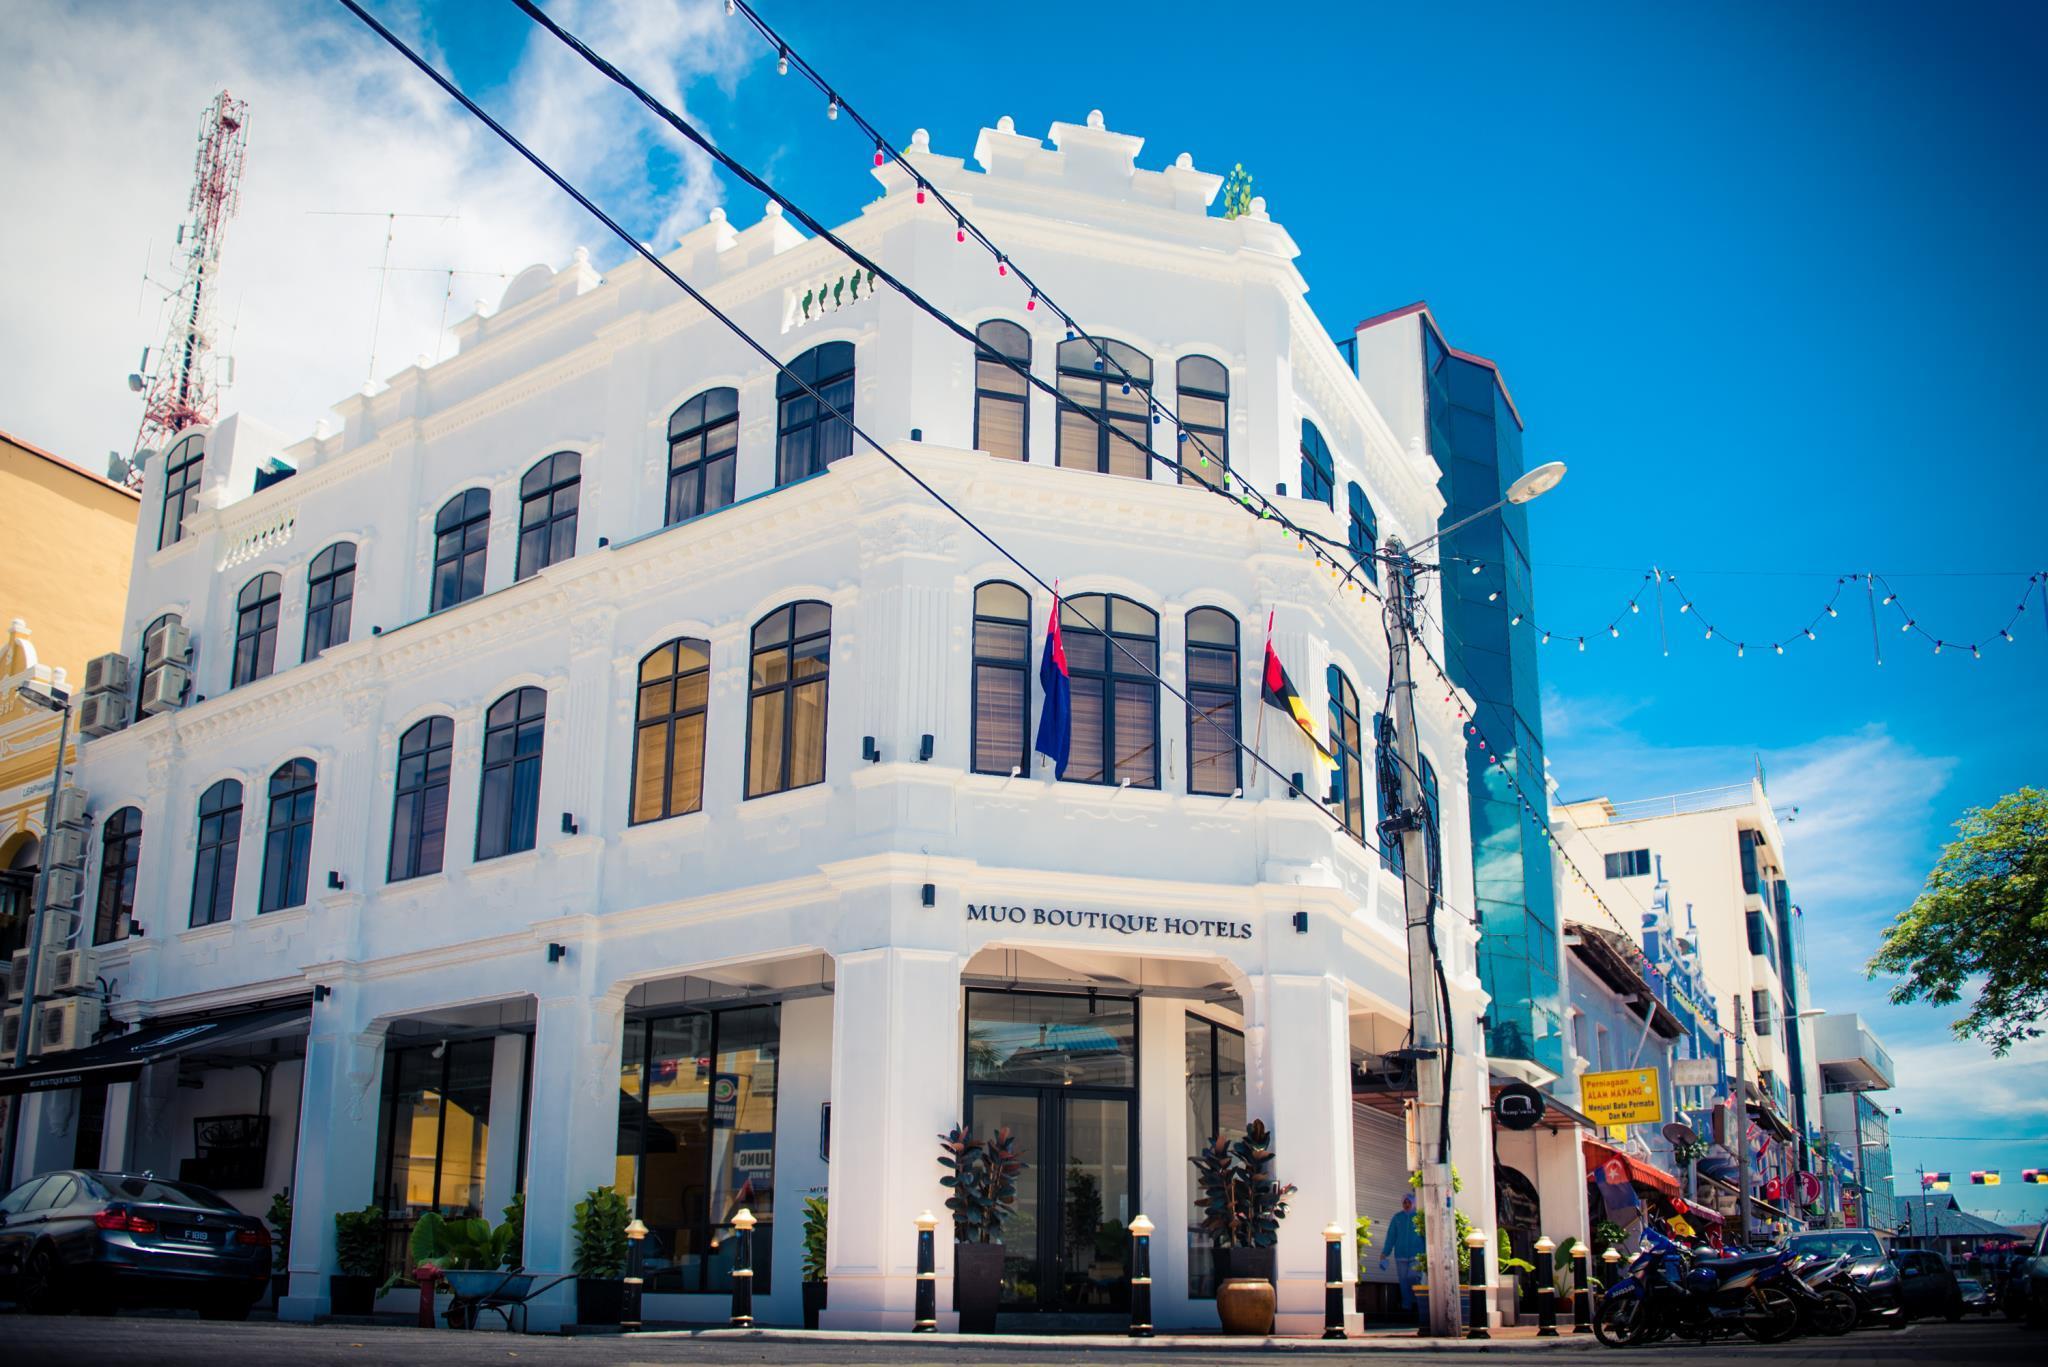 Muo Boutique Hotel, Muar